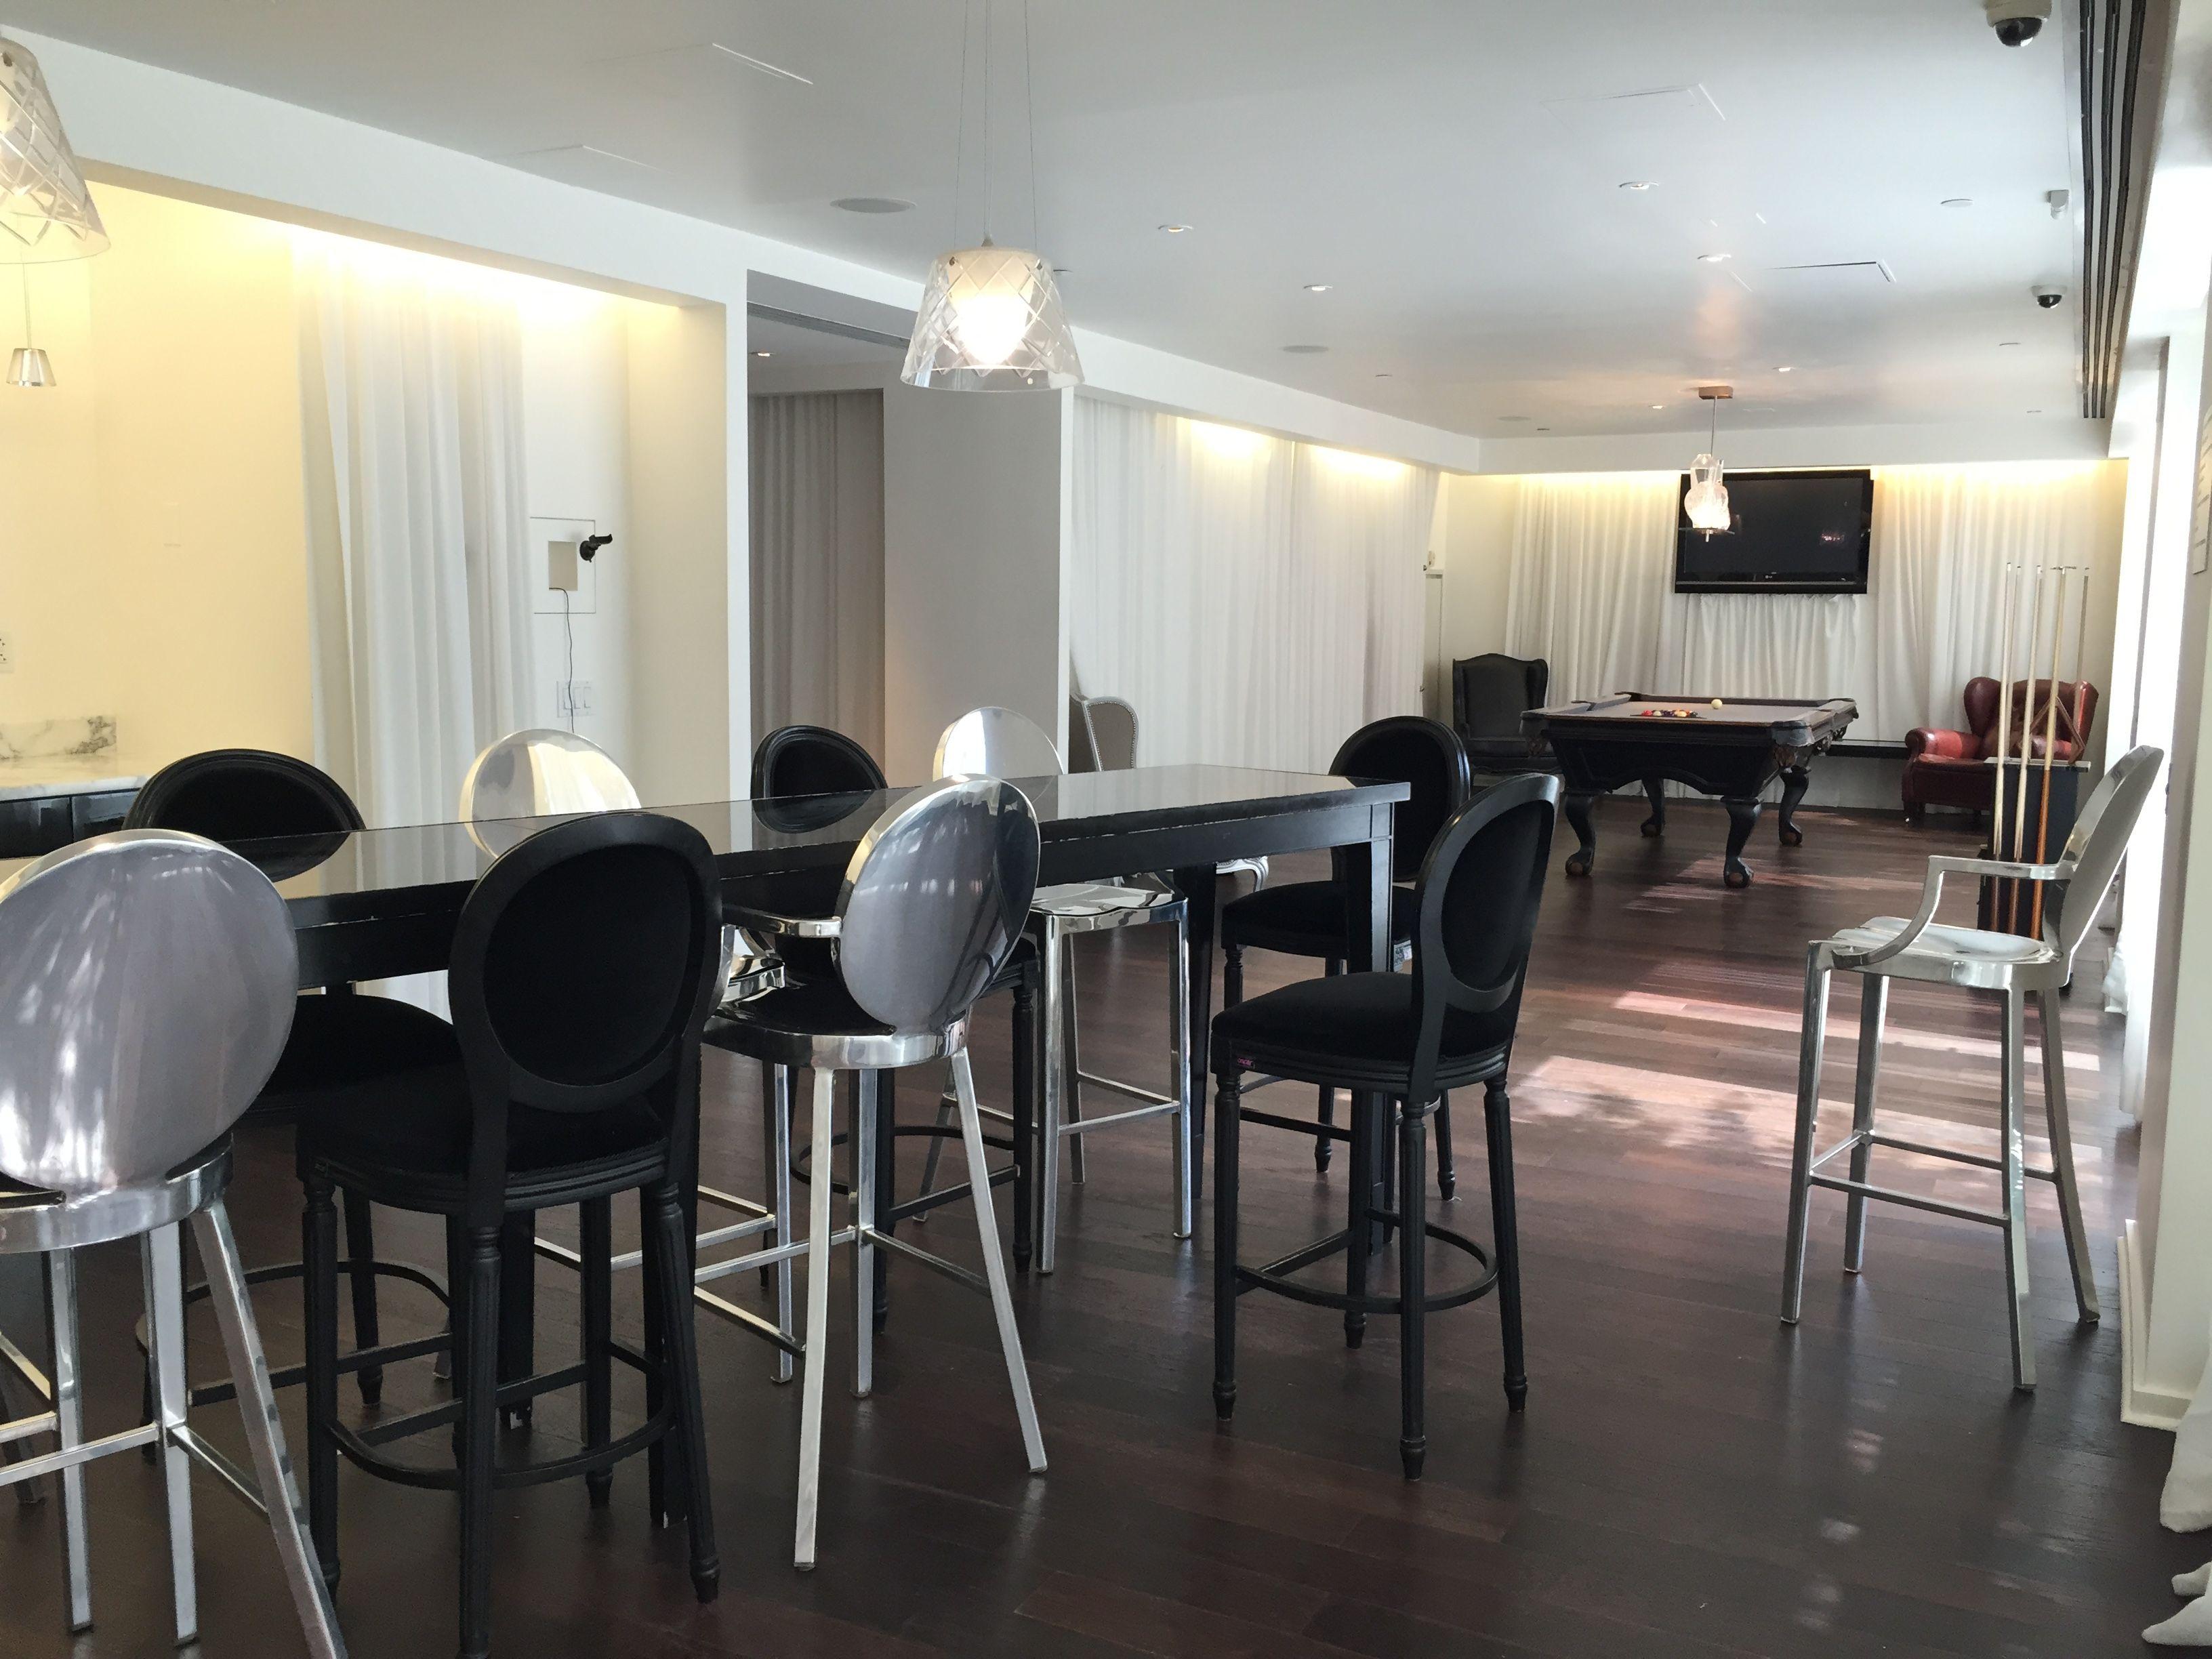 Gramercy Condo Lounge